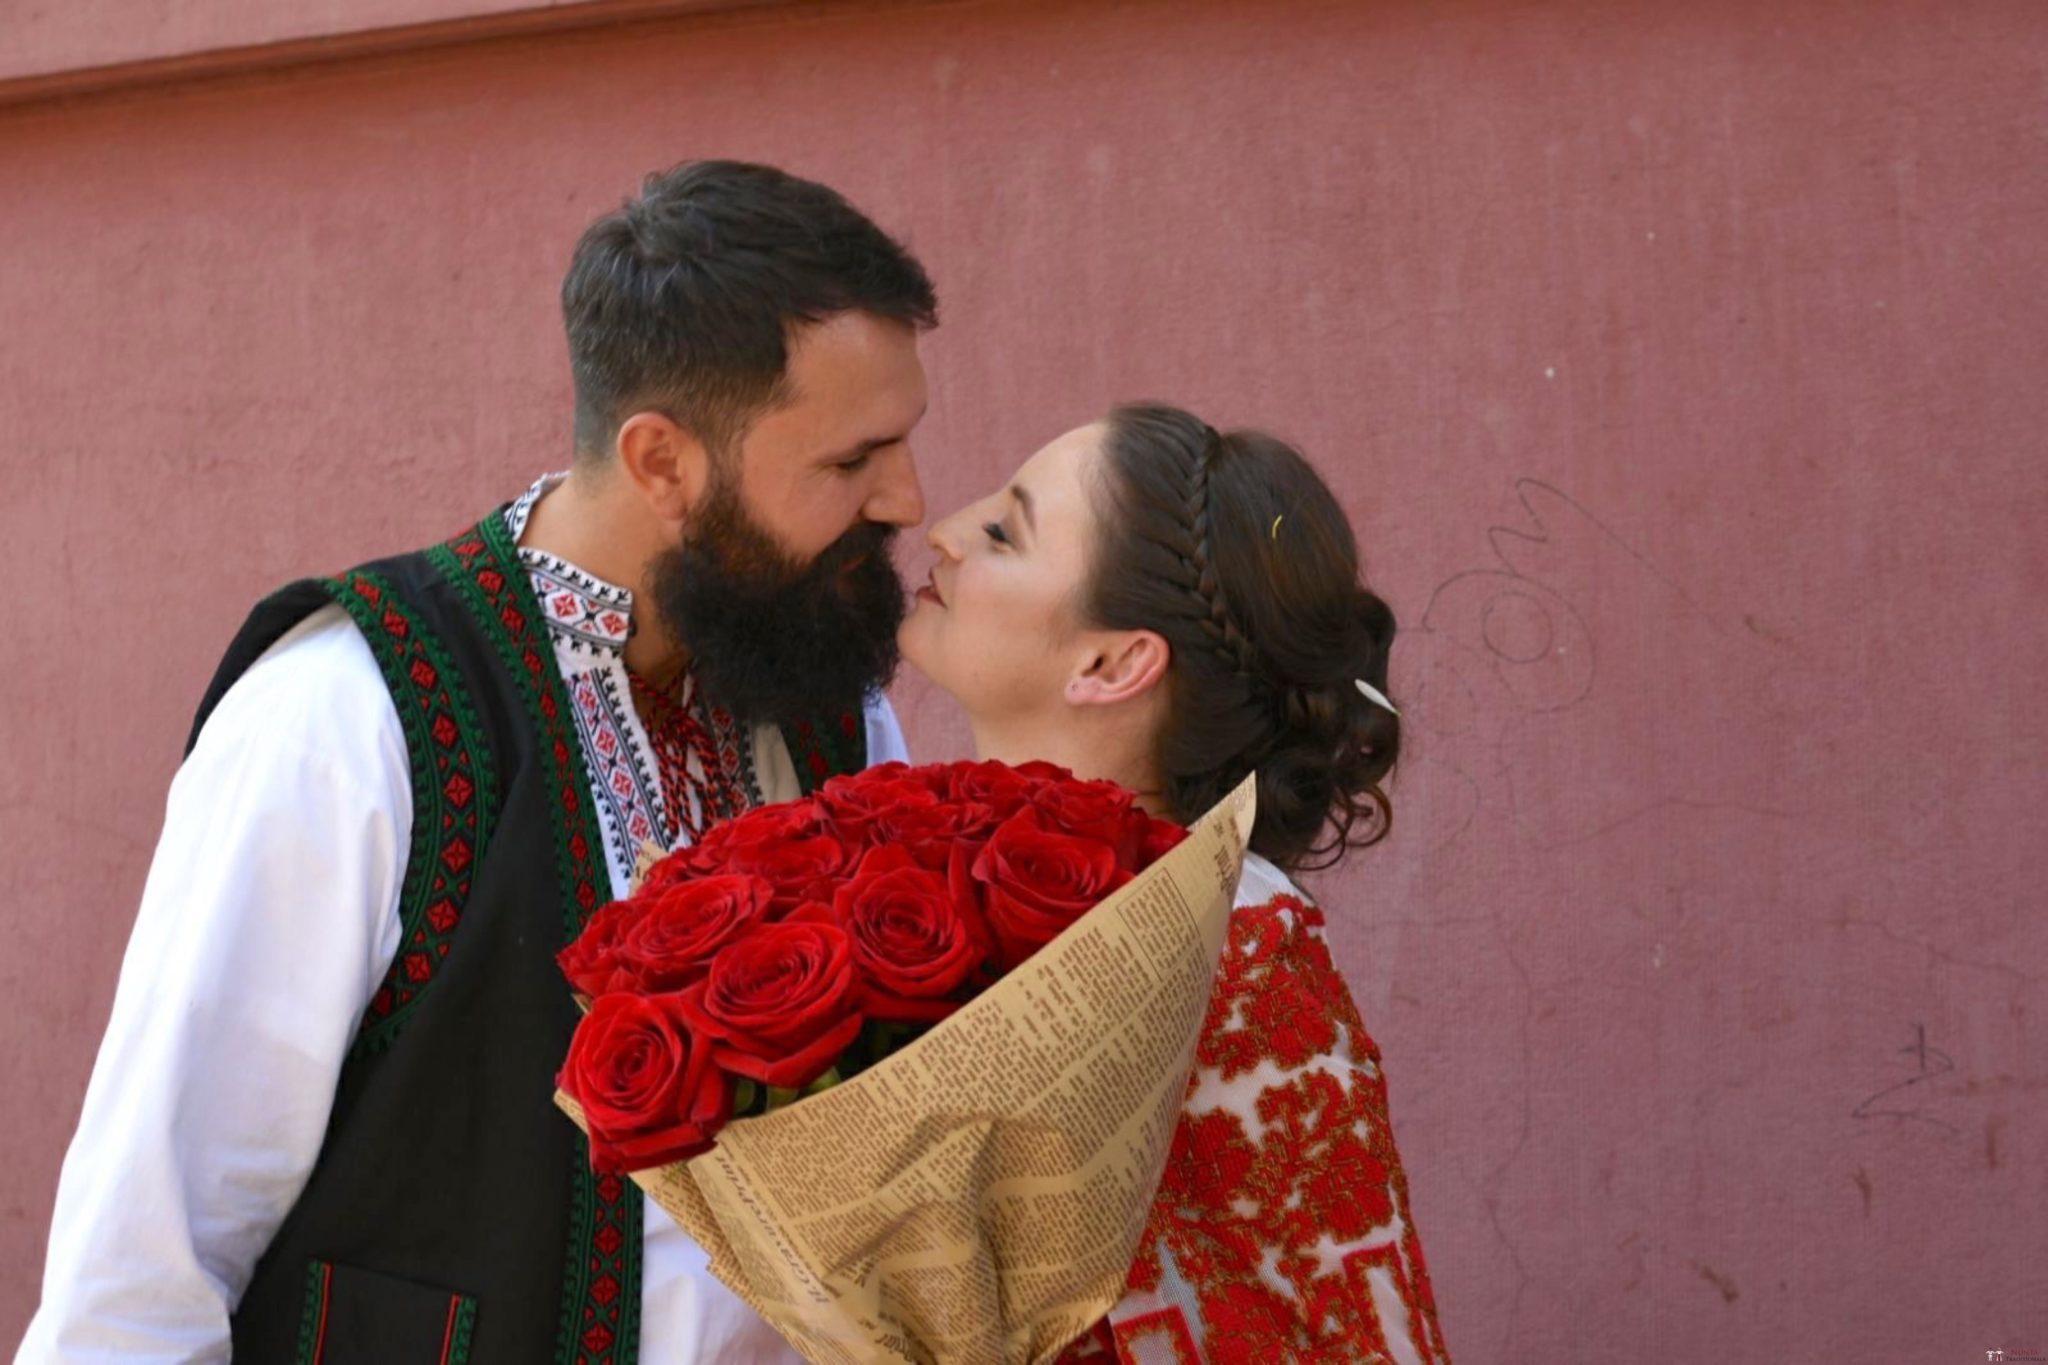 Povești Nunți Tradiționale - George Gabriel și Alexandra Buzatu, nuntă tradițională în Strejnicu, Prahova 11